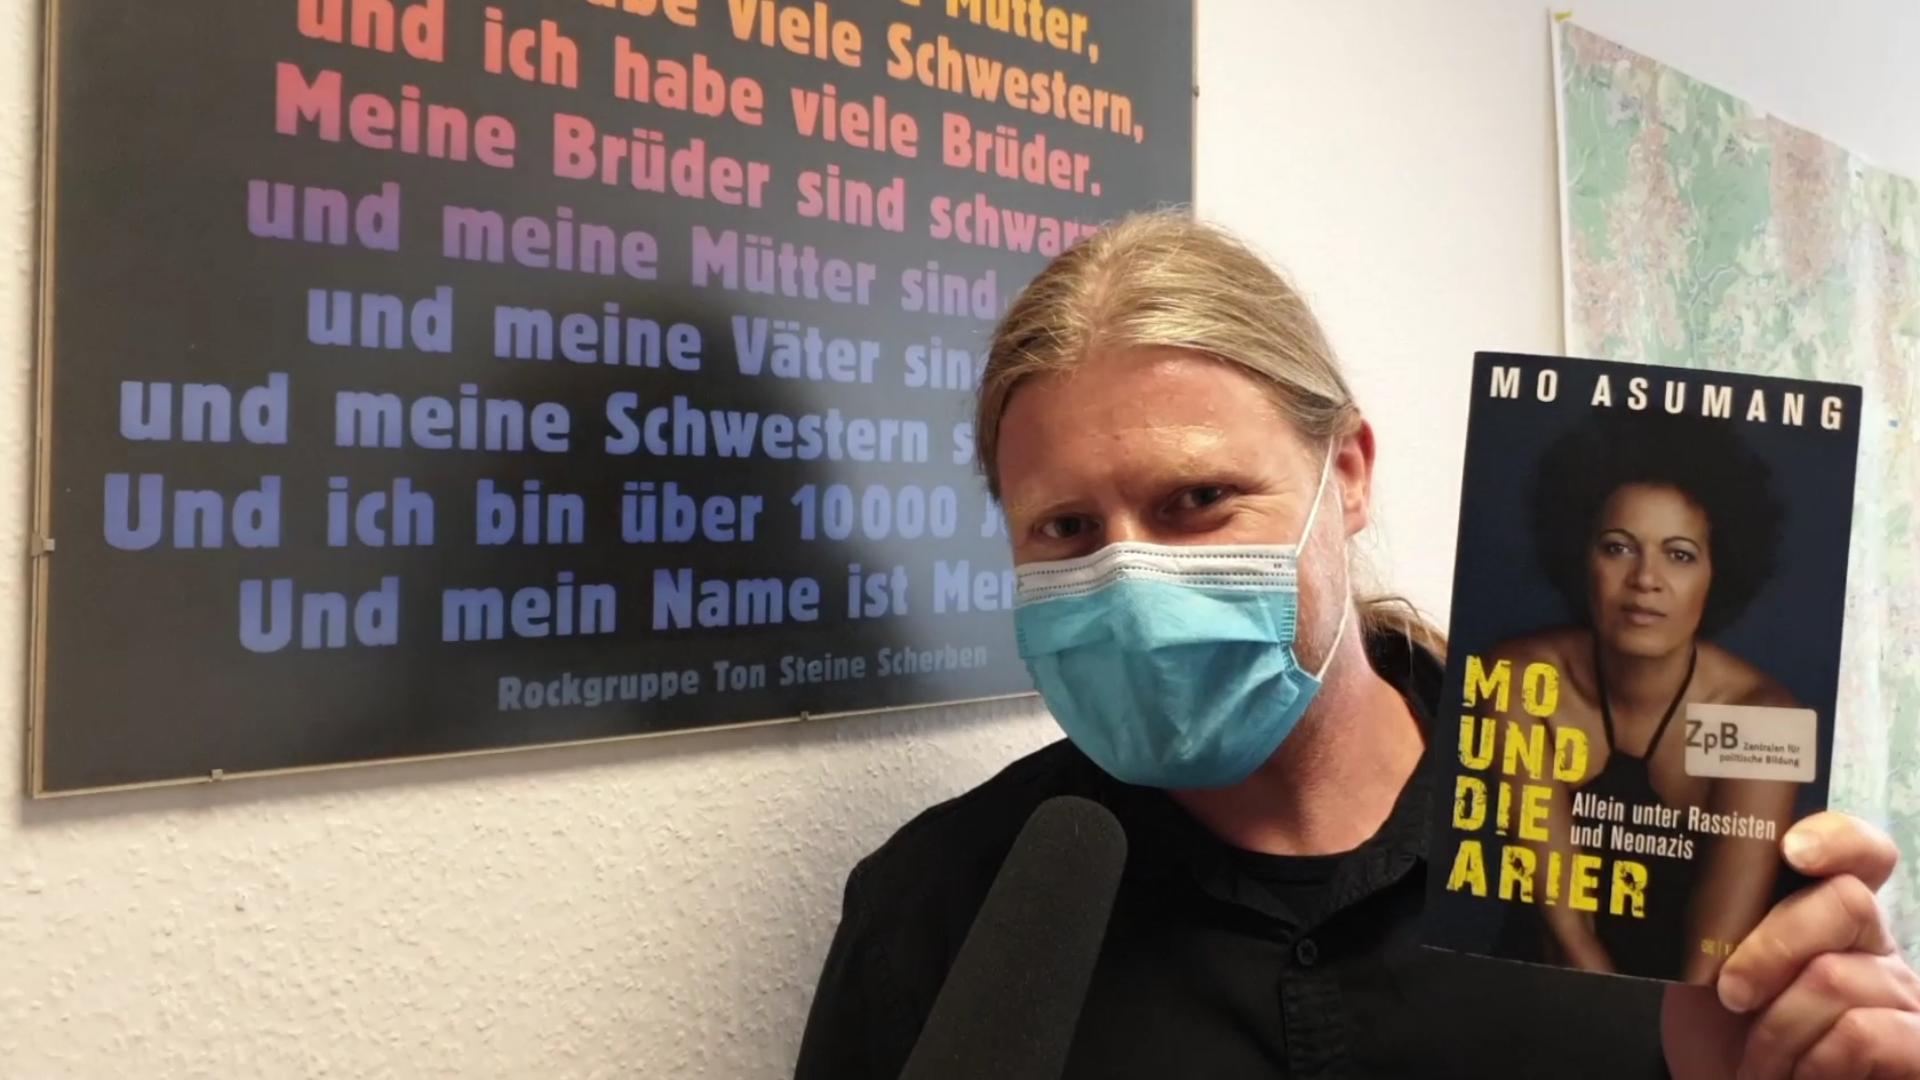 """Christoph Sykulski vom Kommunalen Integrationszentrum (KI) mit dem Buch: """"Mo und die Arier"""" von Mo Asumang."""